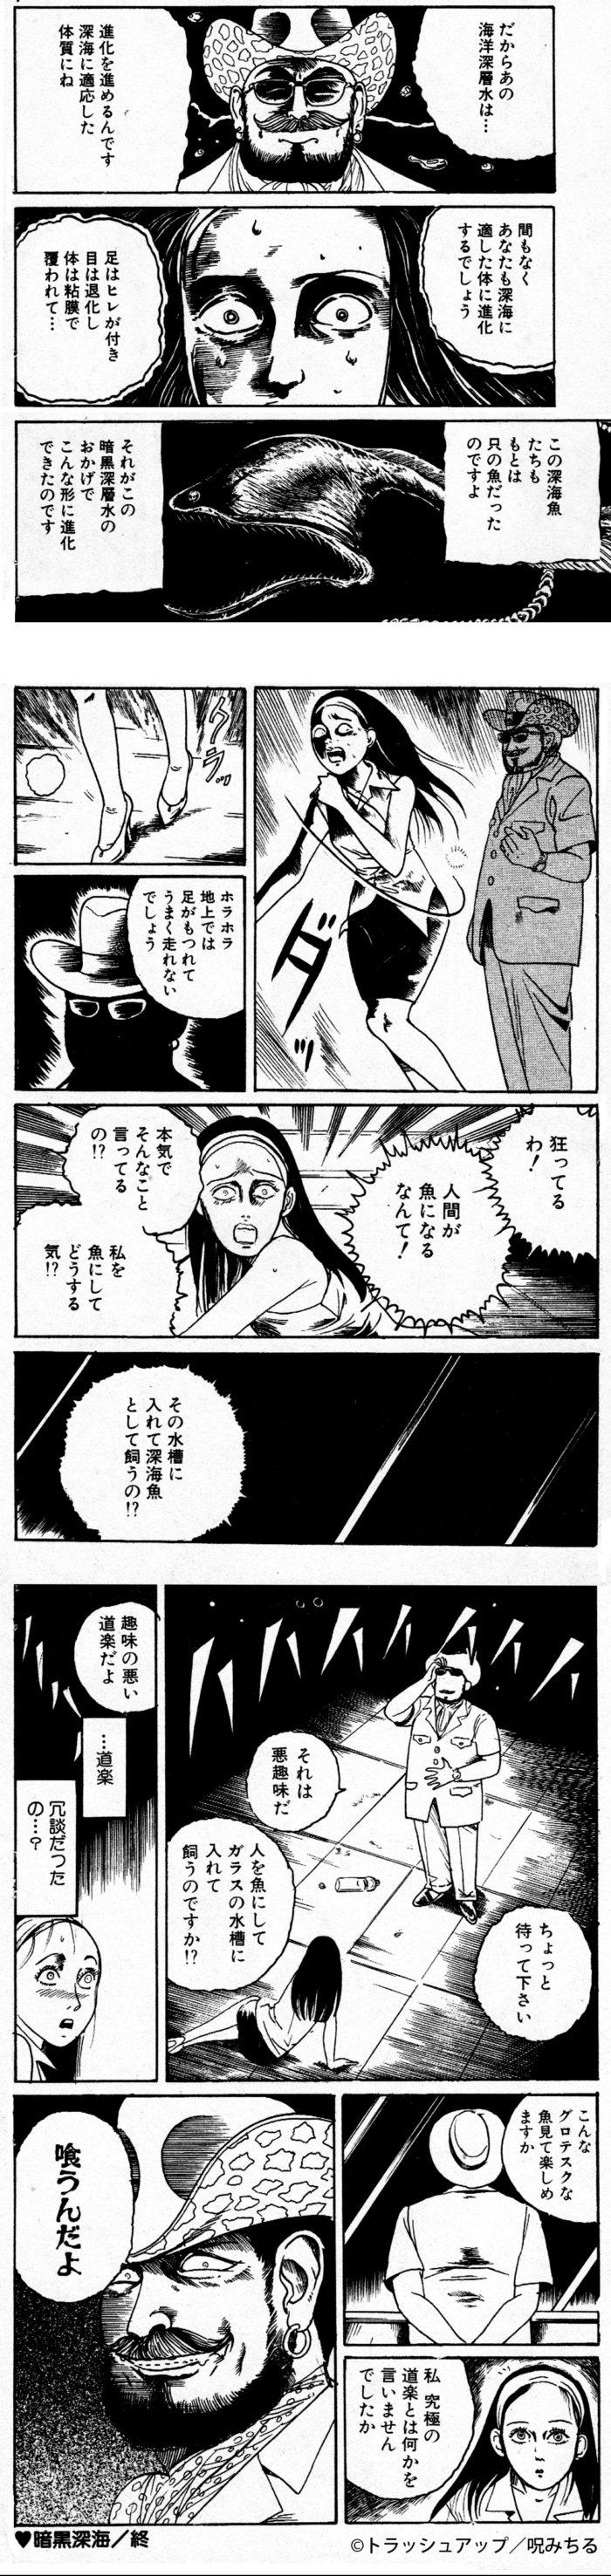 ankoku-shinkai-07